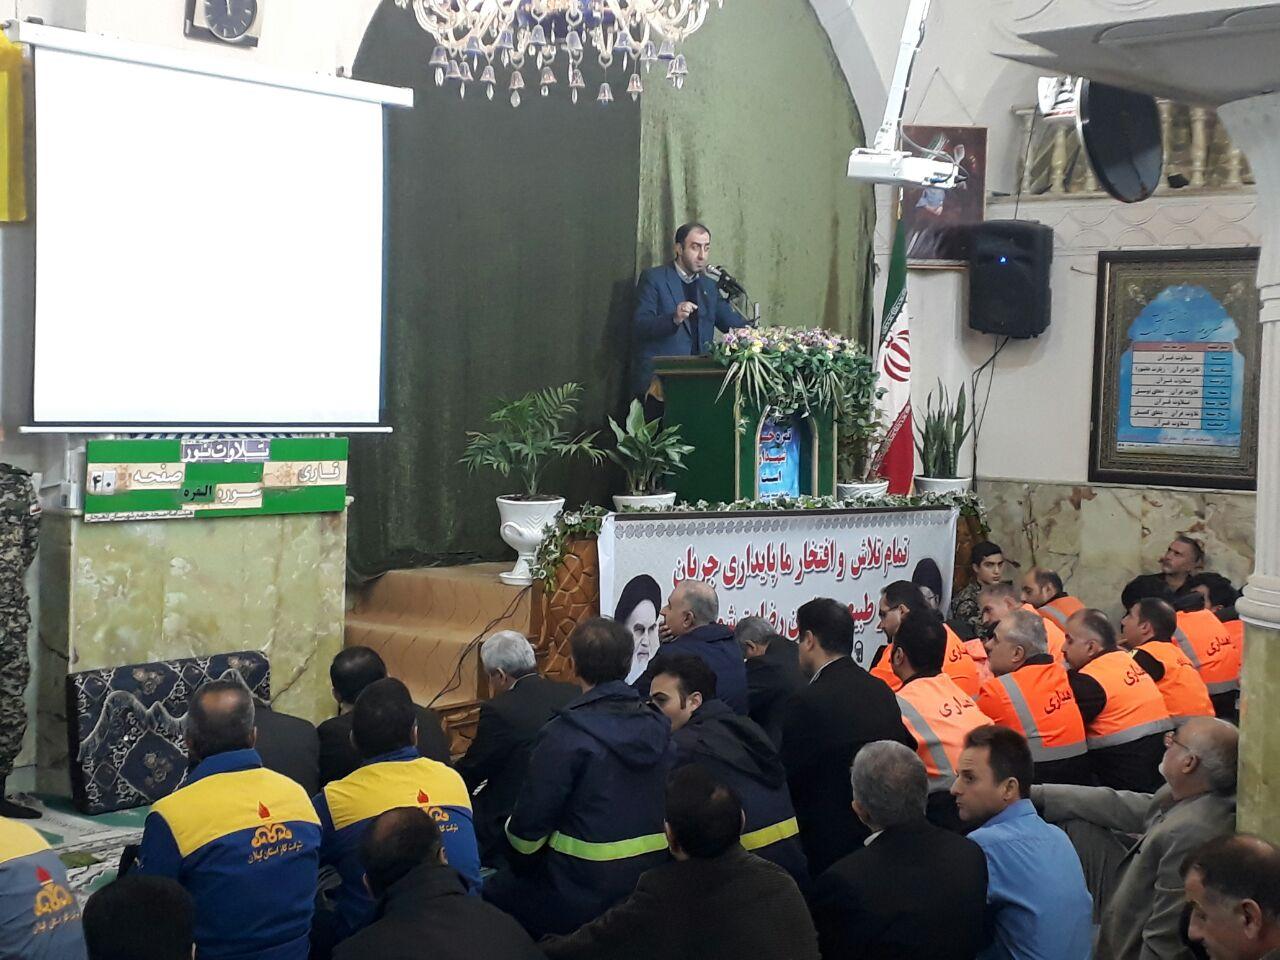 پیش سخنران نماز جمعه شهرستان لاهیجان؛ دکتر حیدری نژاد: الهی پرده ها از راه بردار؛ ما را به خودمان وامگذار